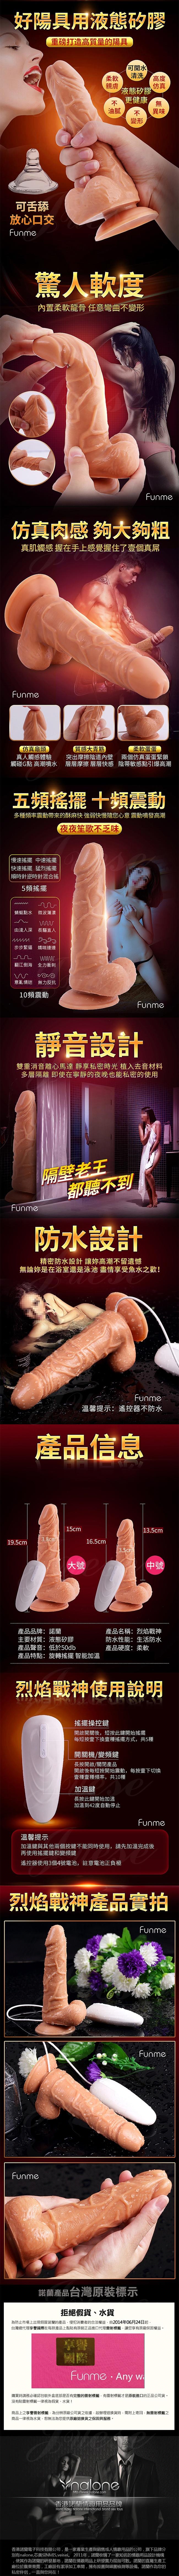 香港Funme-烈焰戰神 5段搖擺+10段震動 智能加溫逼真老二棒-大號